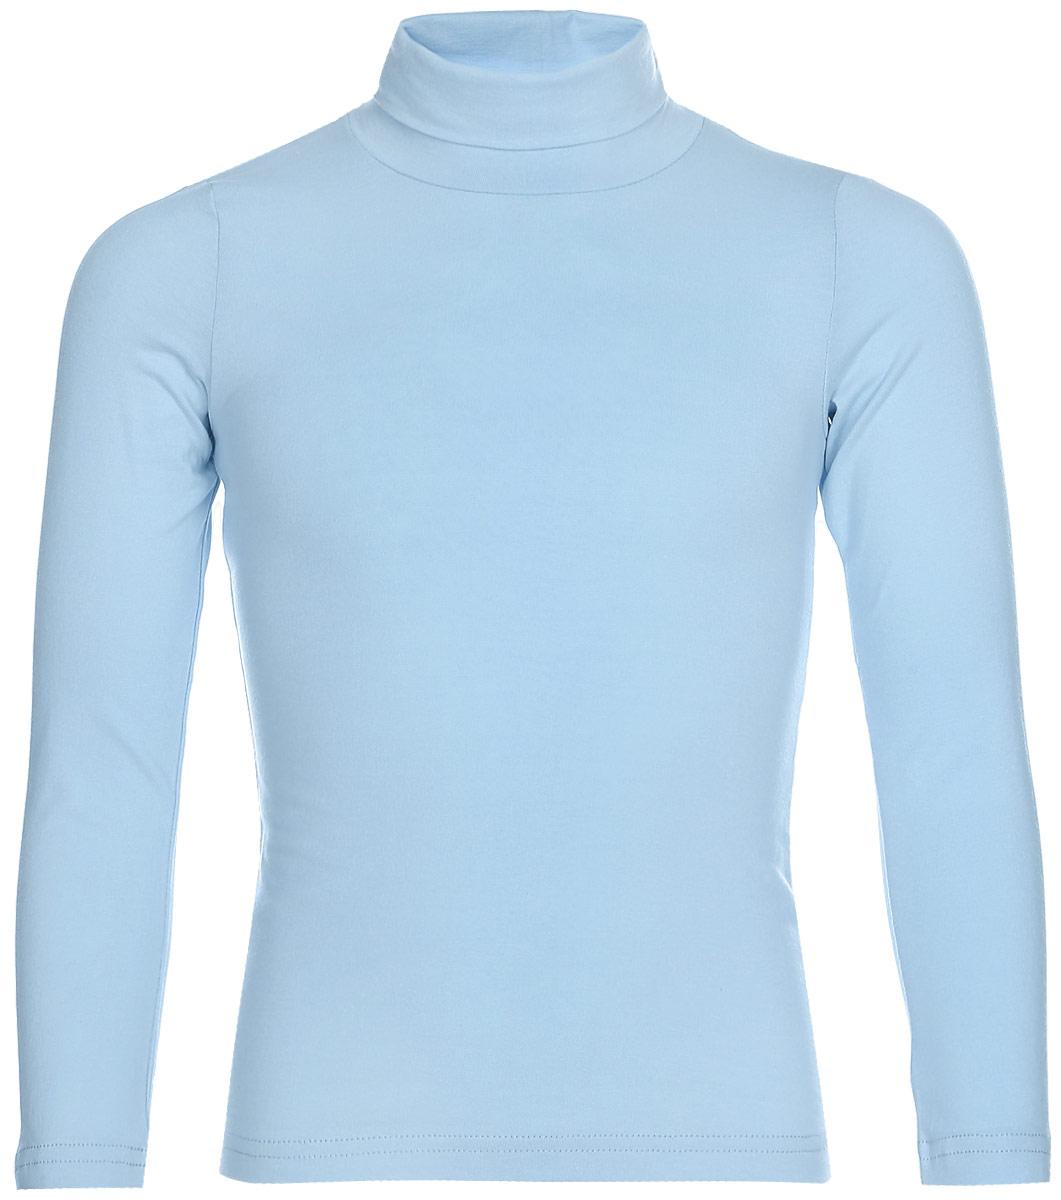 Водолазка для девочки LeadGen, цвет: голубой. G935007401-172. Размер 164G935007401-172Водолазка для девочки LeadGen выполнена из эластичного хлопкового трикотажа. Модель с длинными рукавами и воротником-гольф.